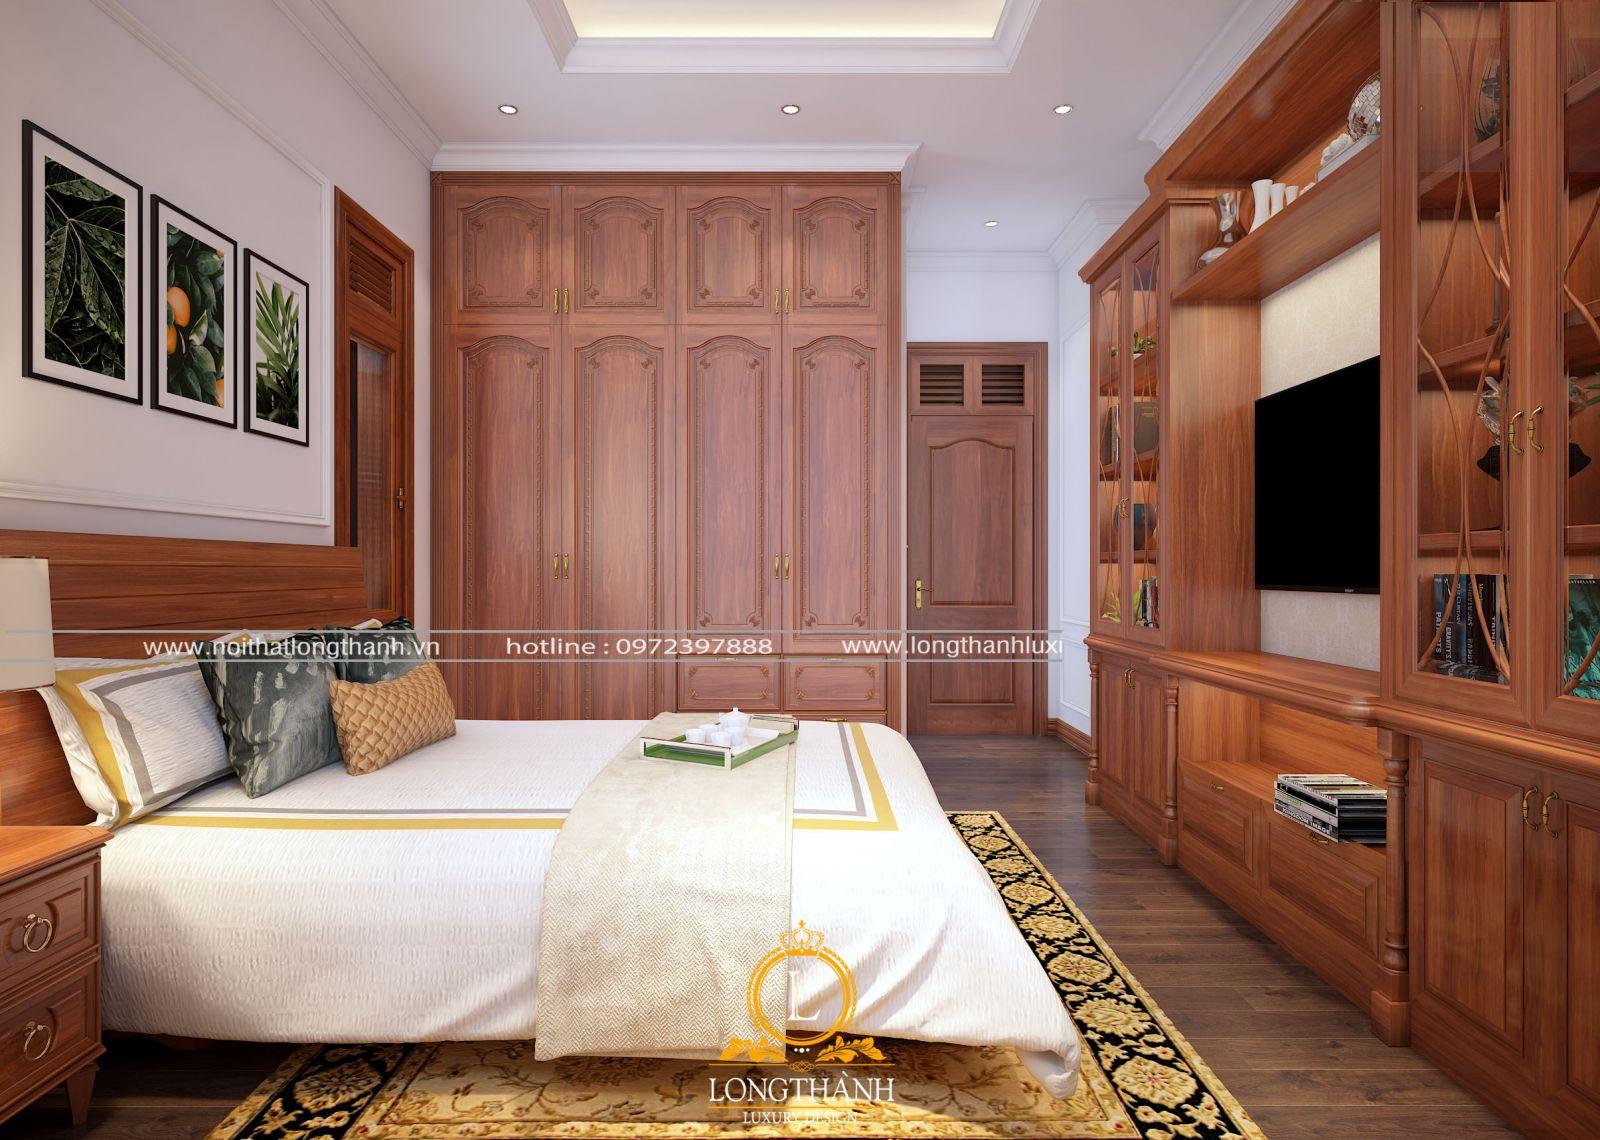 Thiết kế nội thất biệt thự hiện đại đẹp với sự hài hòa tone màu